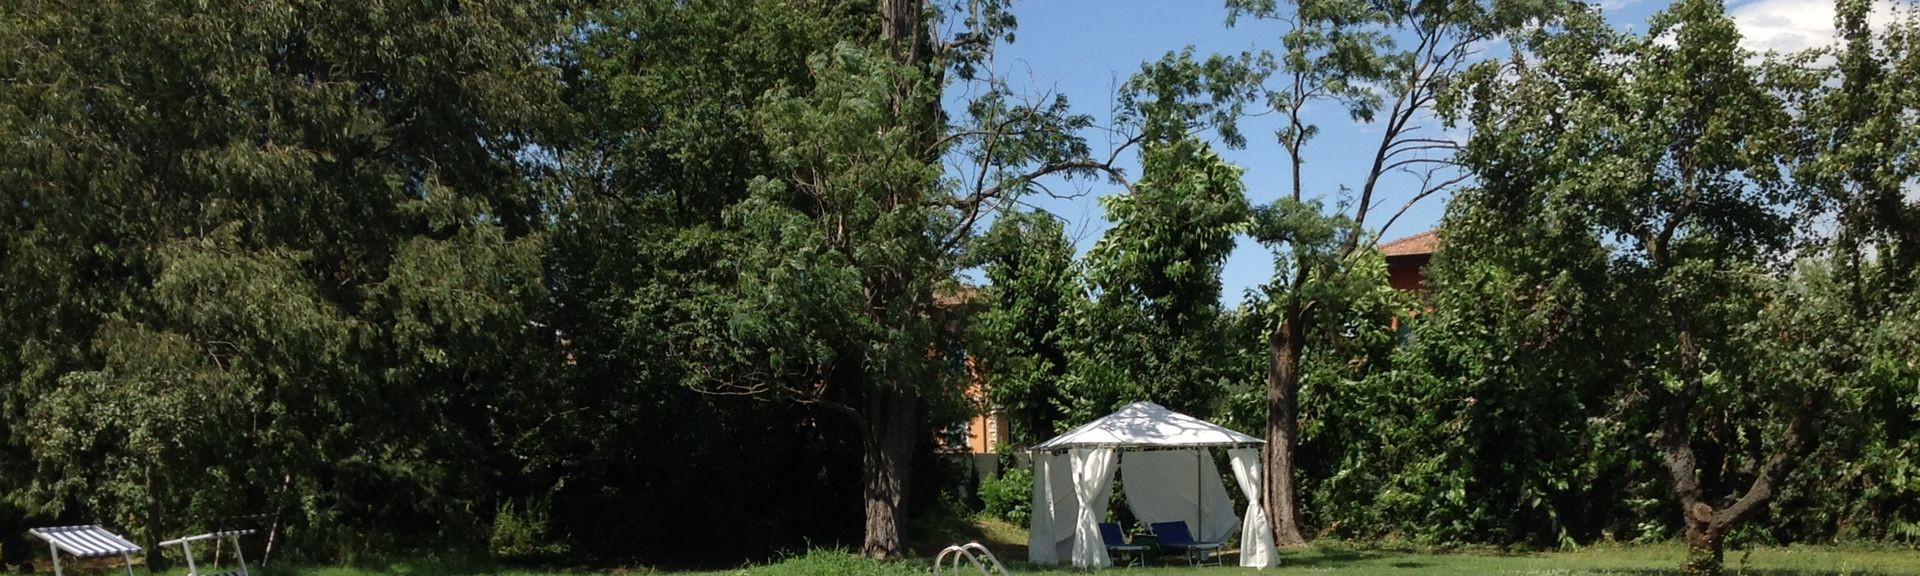 Scandiano, Emilia-Romagna, Italy